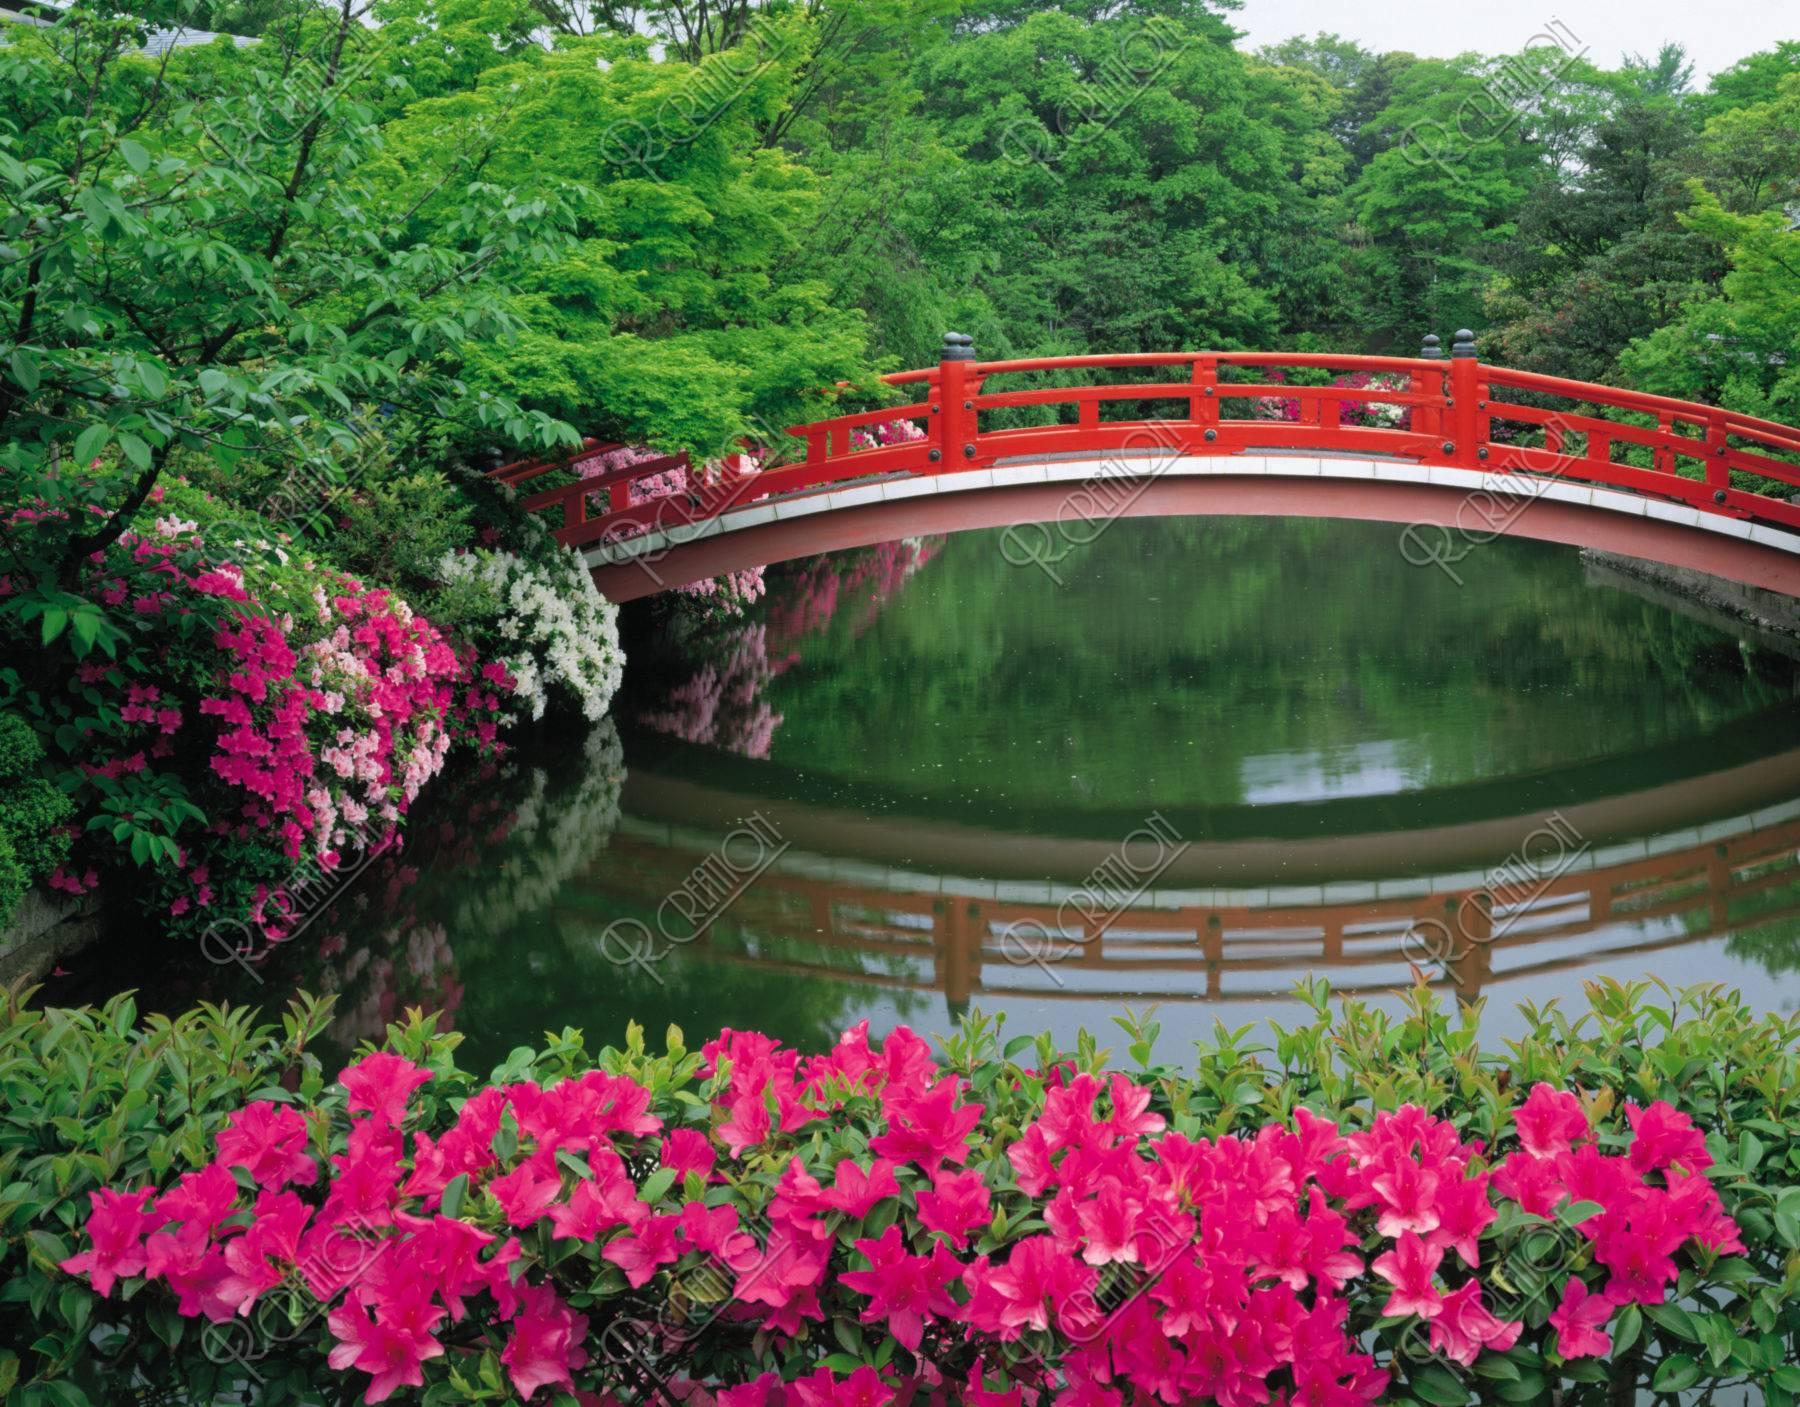 つつじと赤い橋